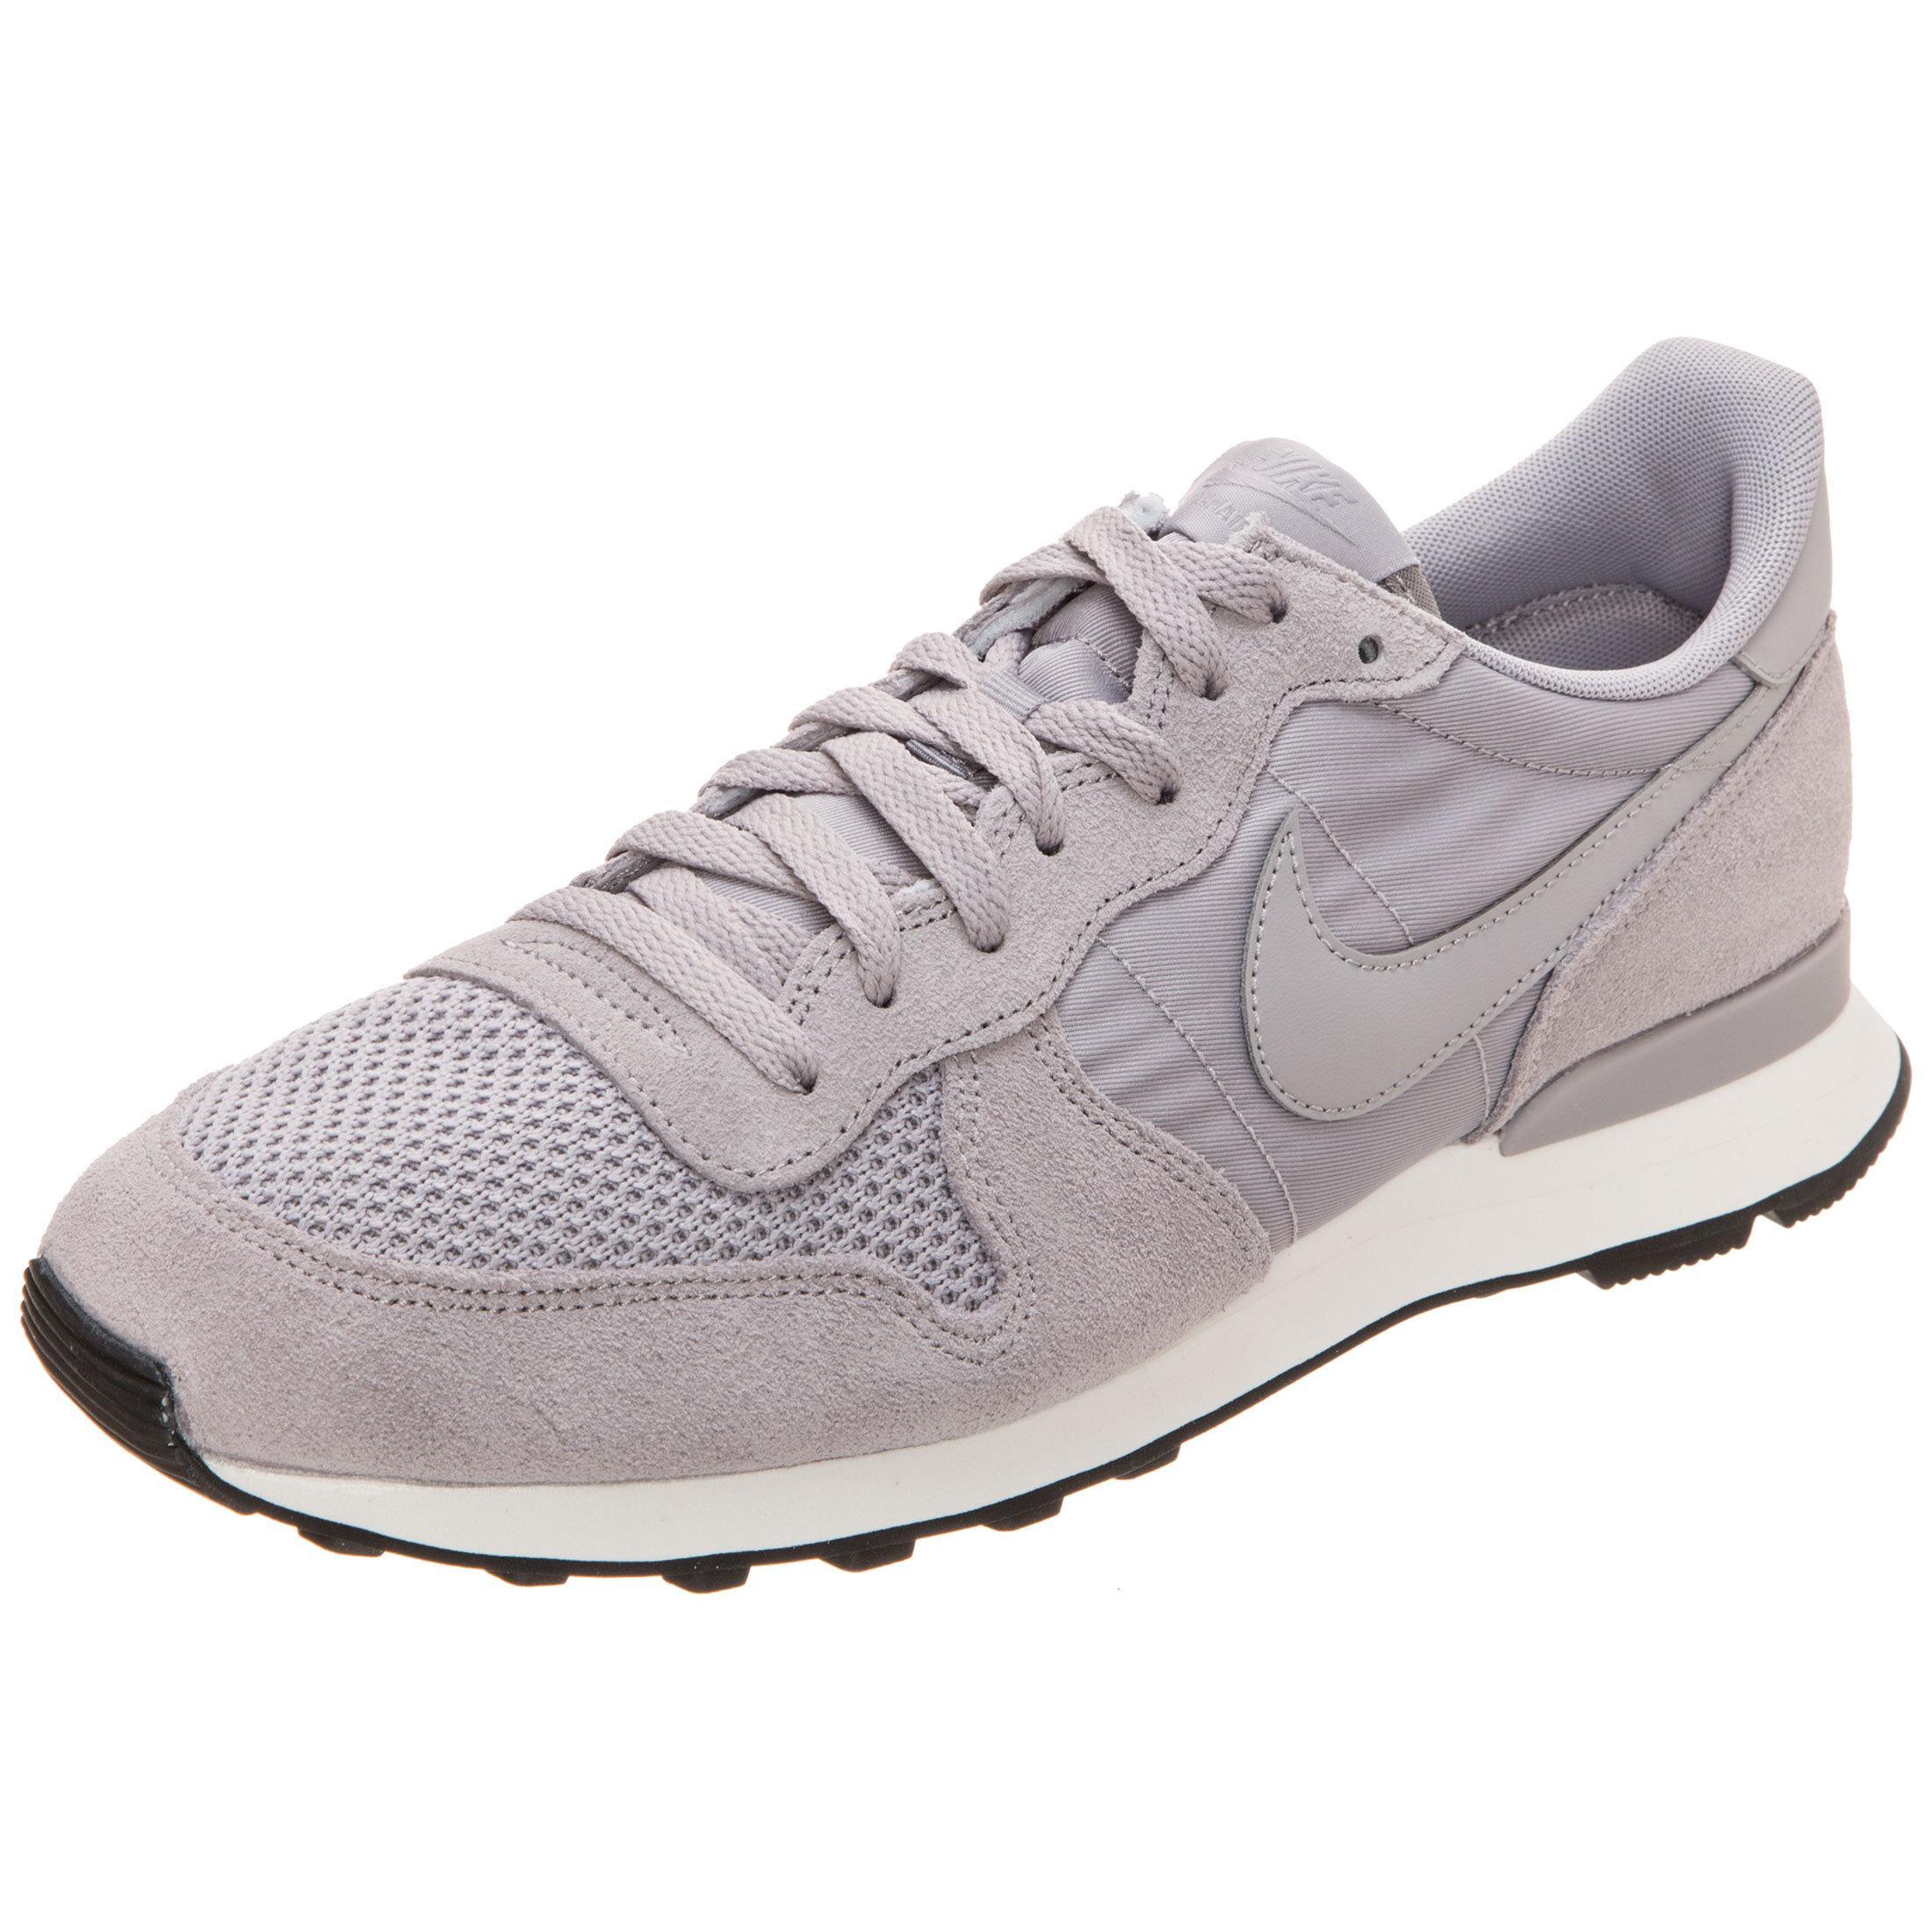 size 40 ed48e cf056 ... denmark nike internationalist se sneaker herren grau beige im online  shop von sportscheck kaufen 5f162 f2a18